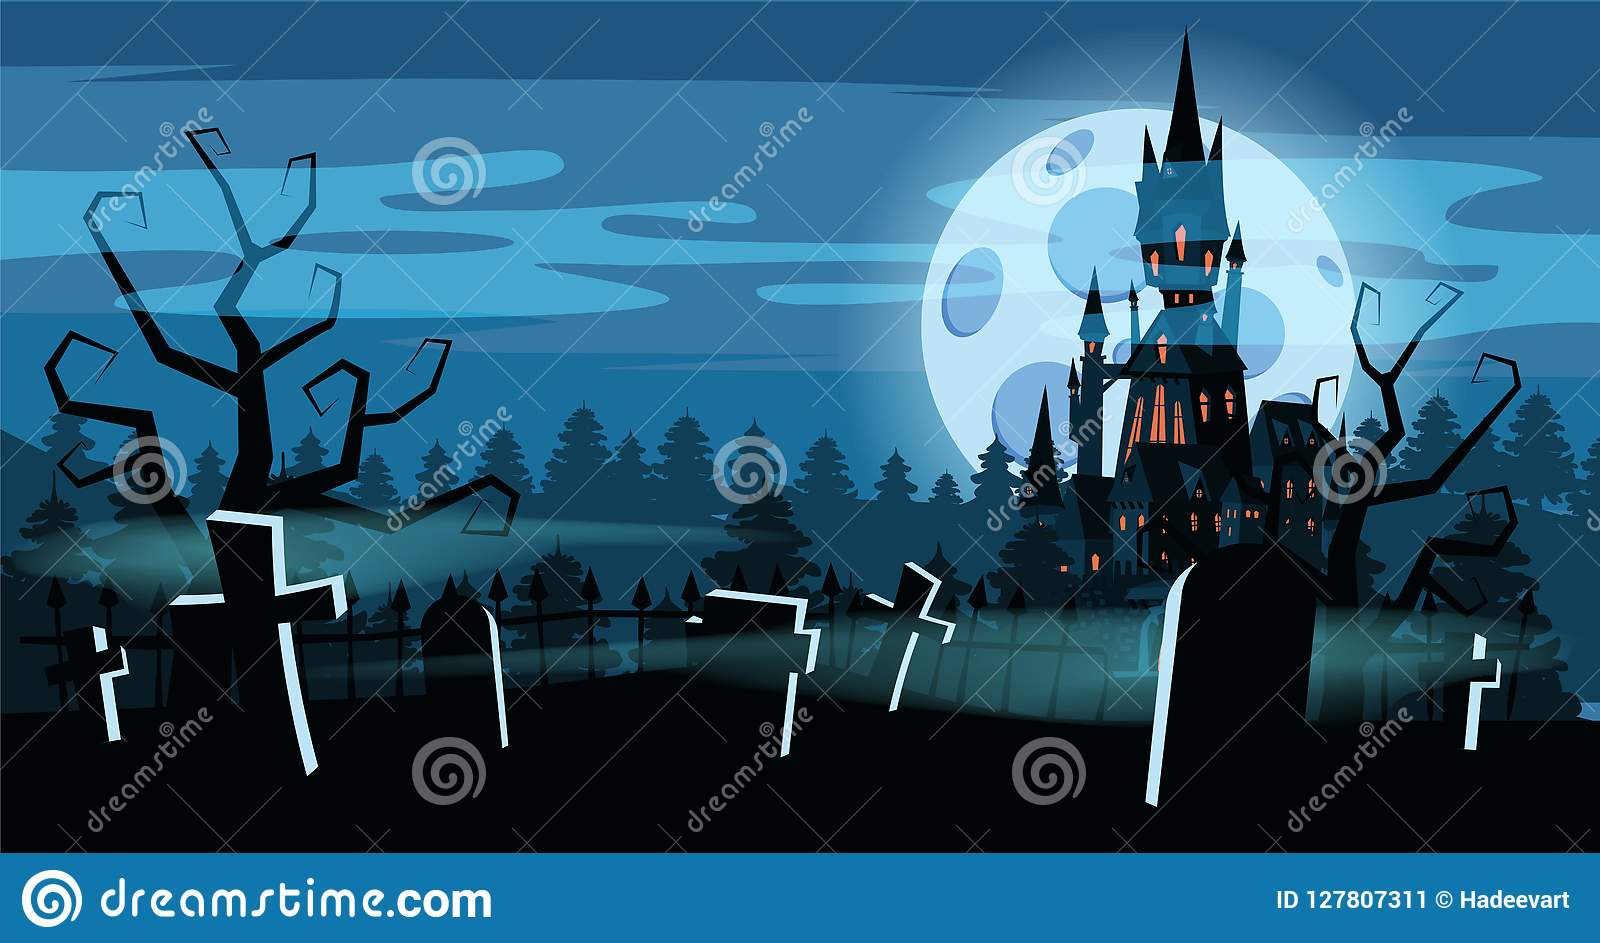 Το νεκροταφείο διακοπών αποκριών προτύπων, ο Μαύρος εγκατέλειψε το κάστρο, θλιβερό δάσος φθινοπώρου, πανόραμα, φεγγάρι, σταυροί κ